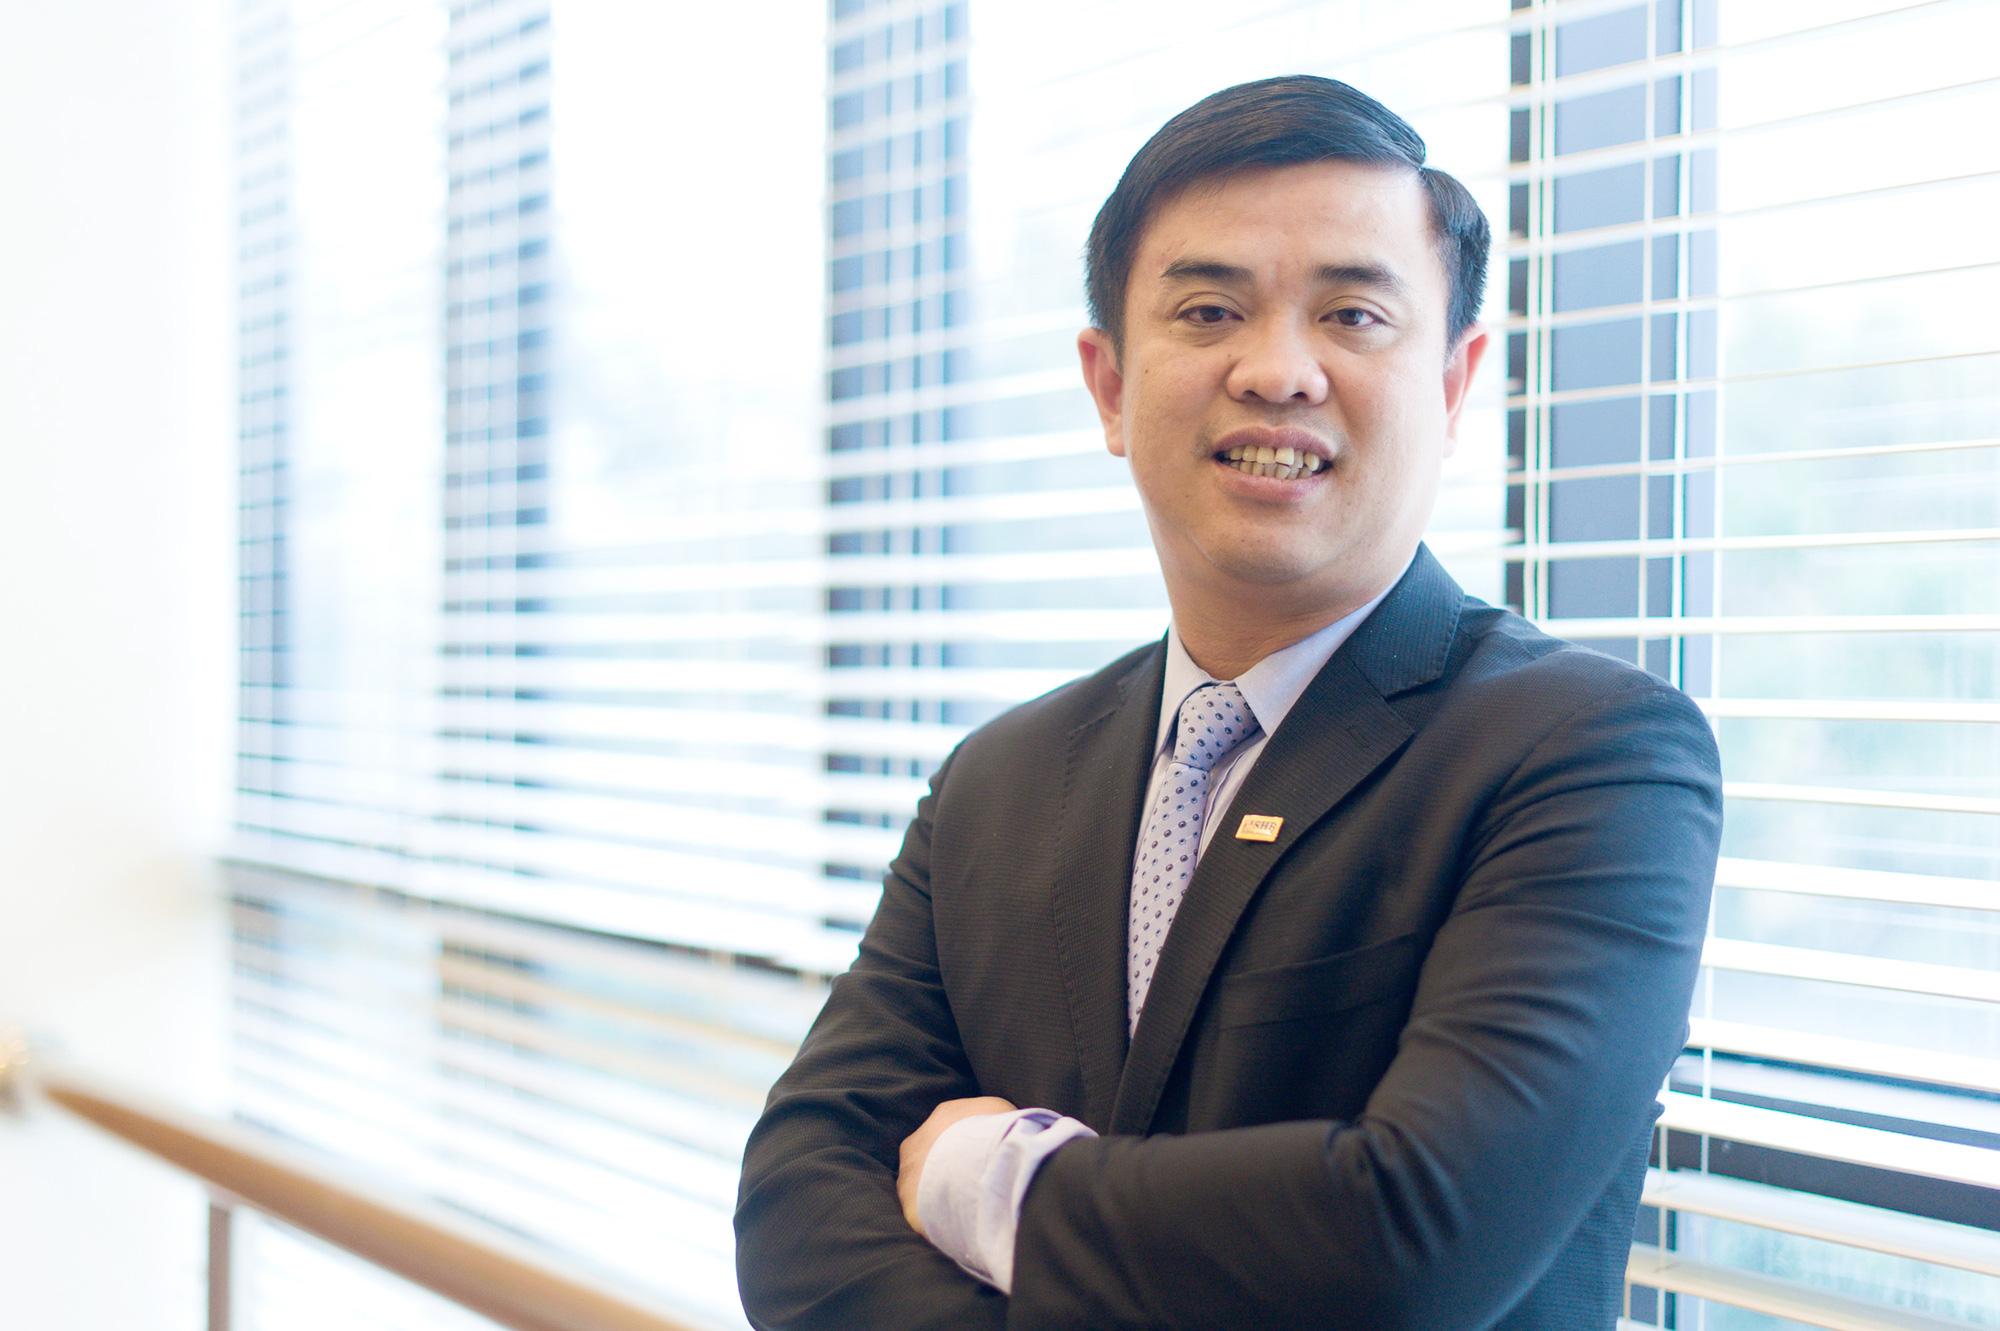 SHB chấp thuận đơn từ nhiệm của Tổng Giám đốc Nguyễn Văn Lê - Ảnh 1.